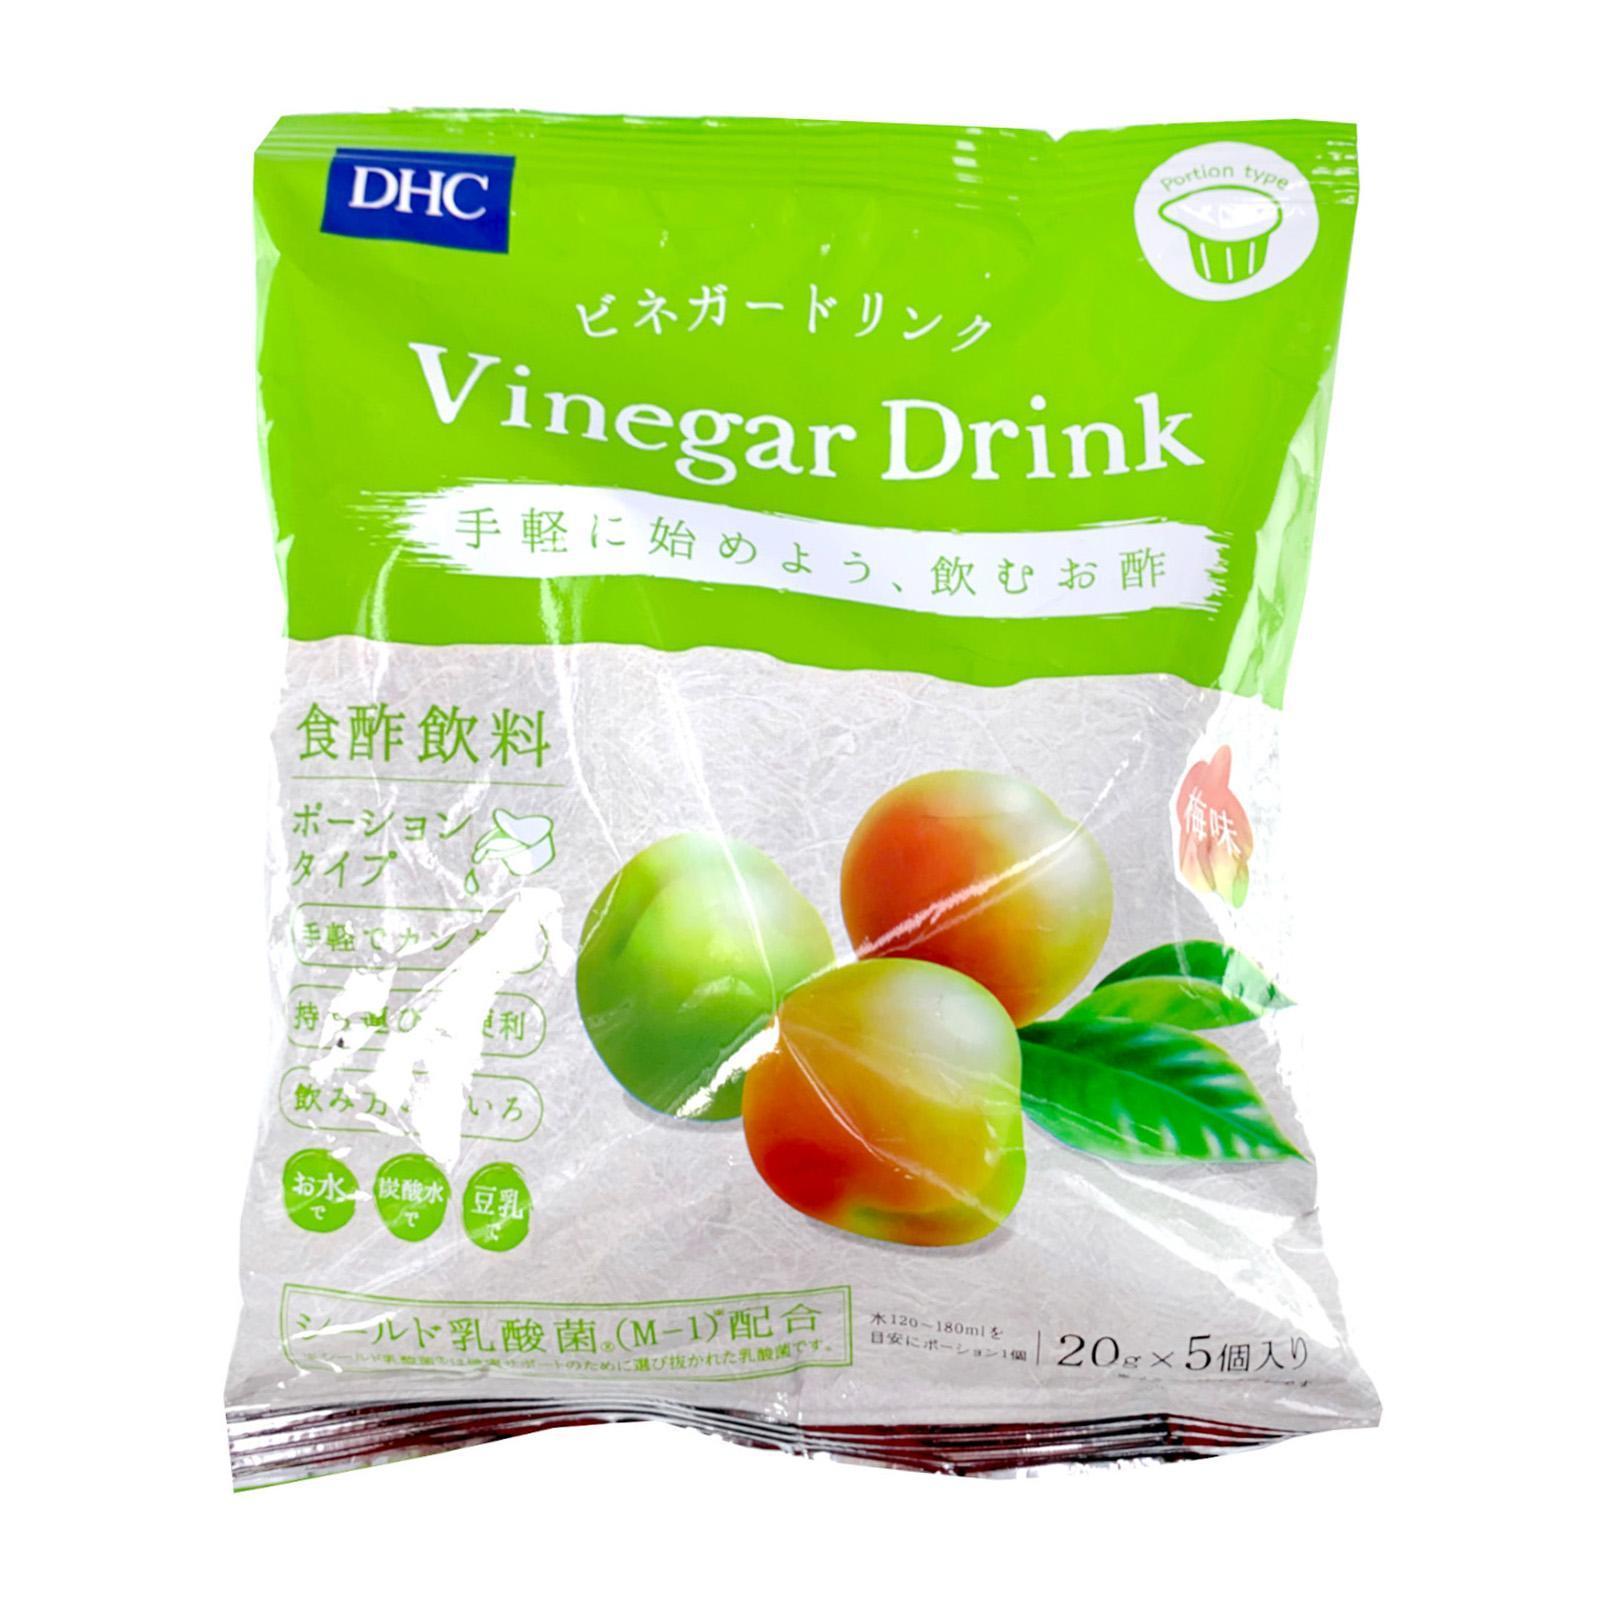 DHC Plum Vinegar Instant Drink Capsules Type